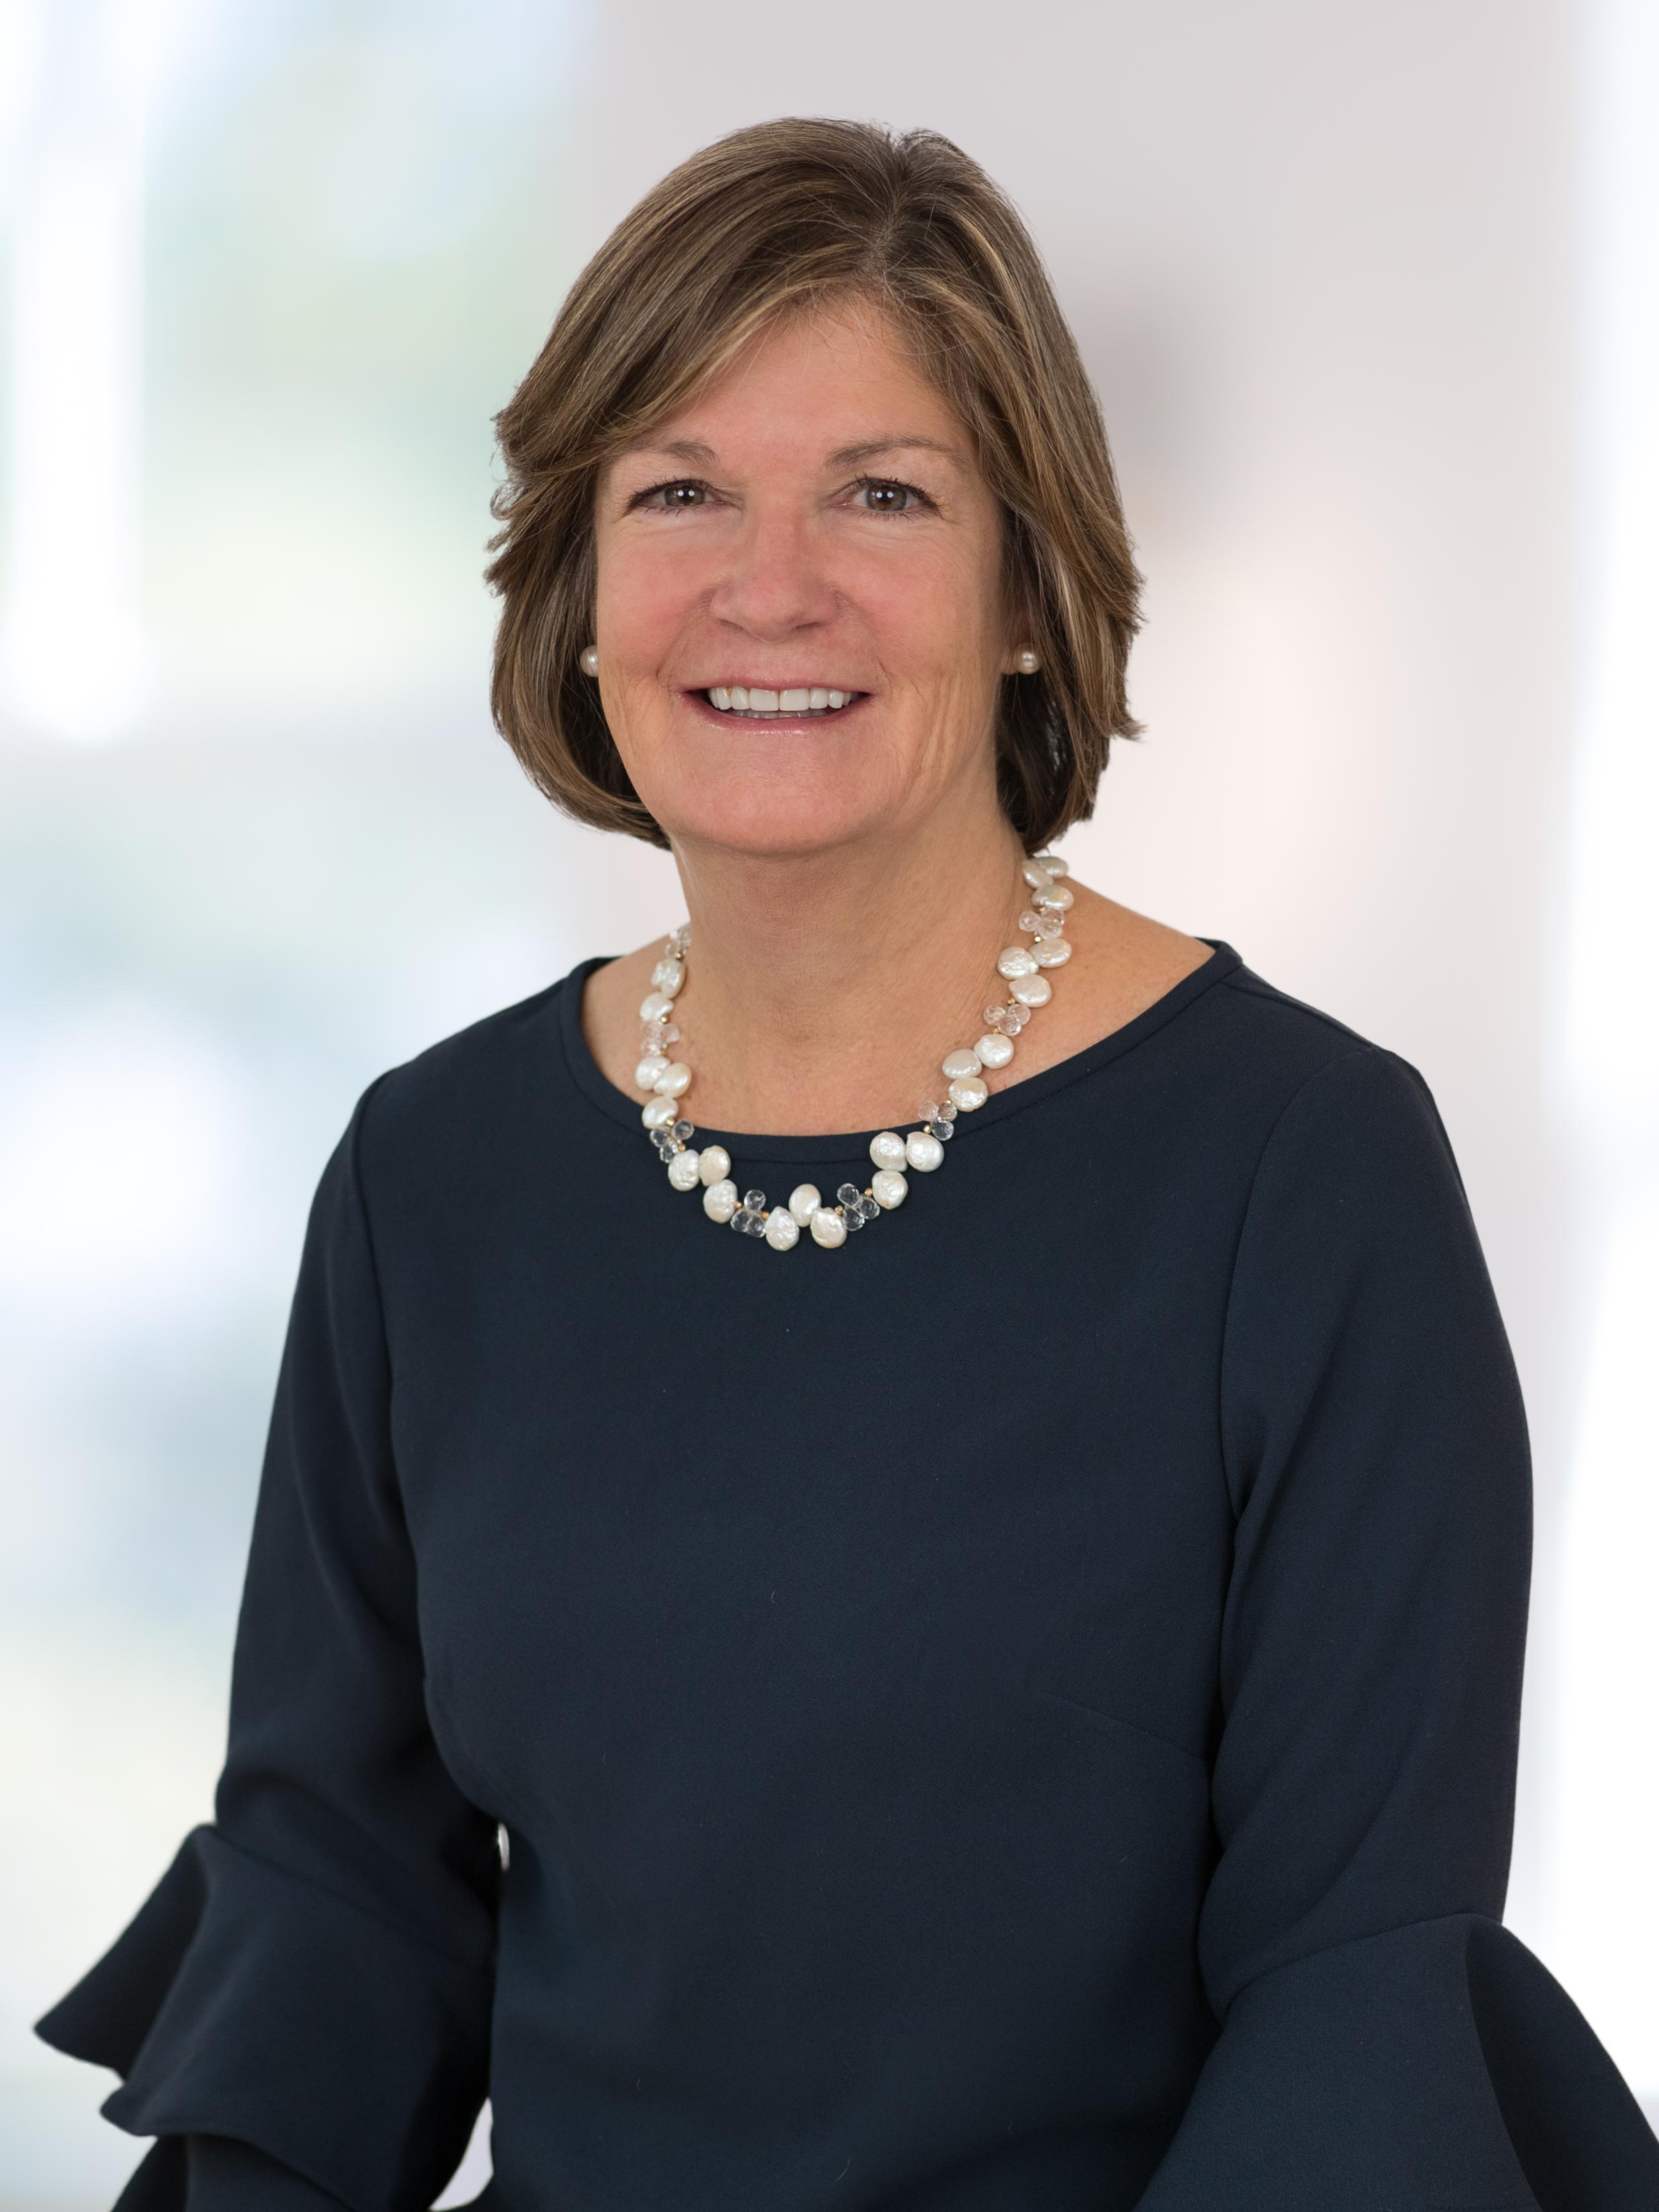 Ann Marie Battaglia